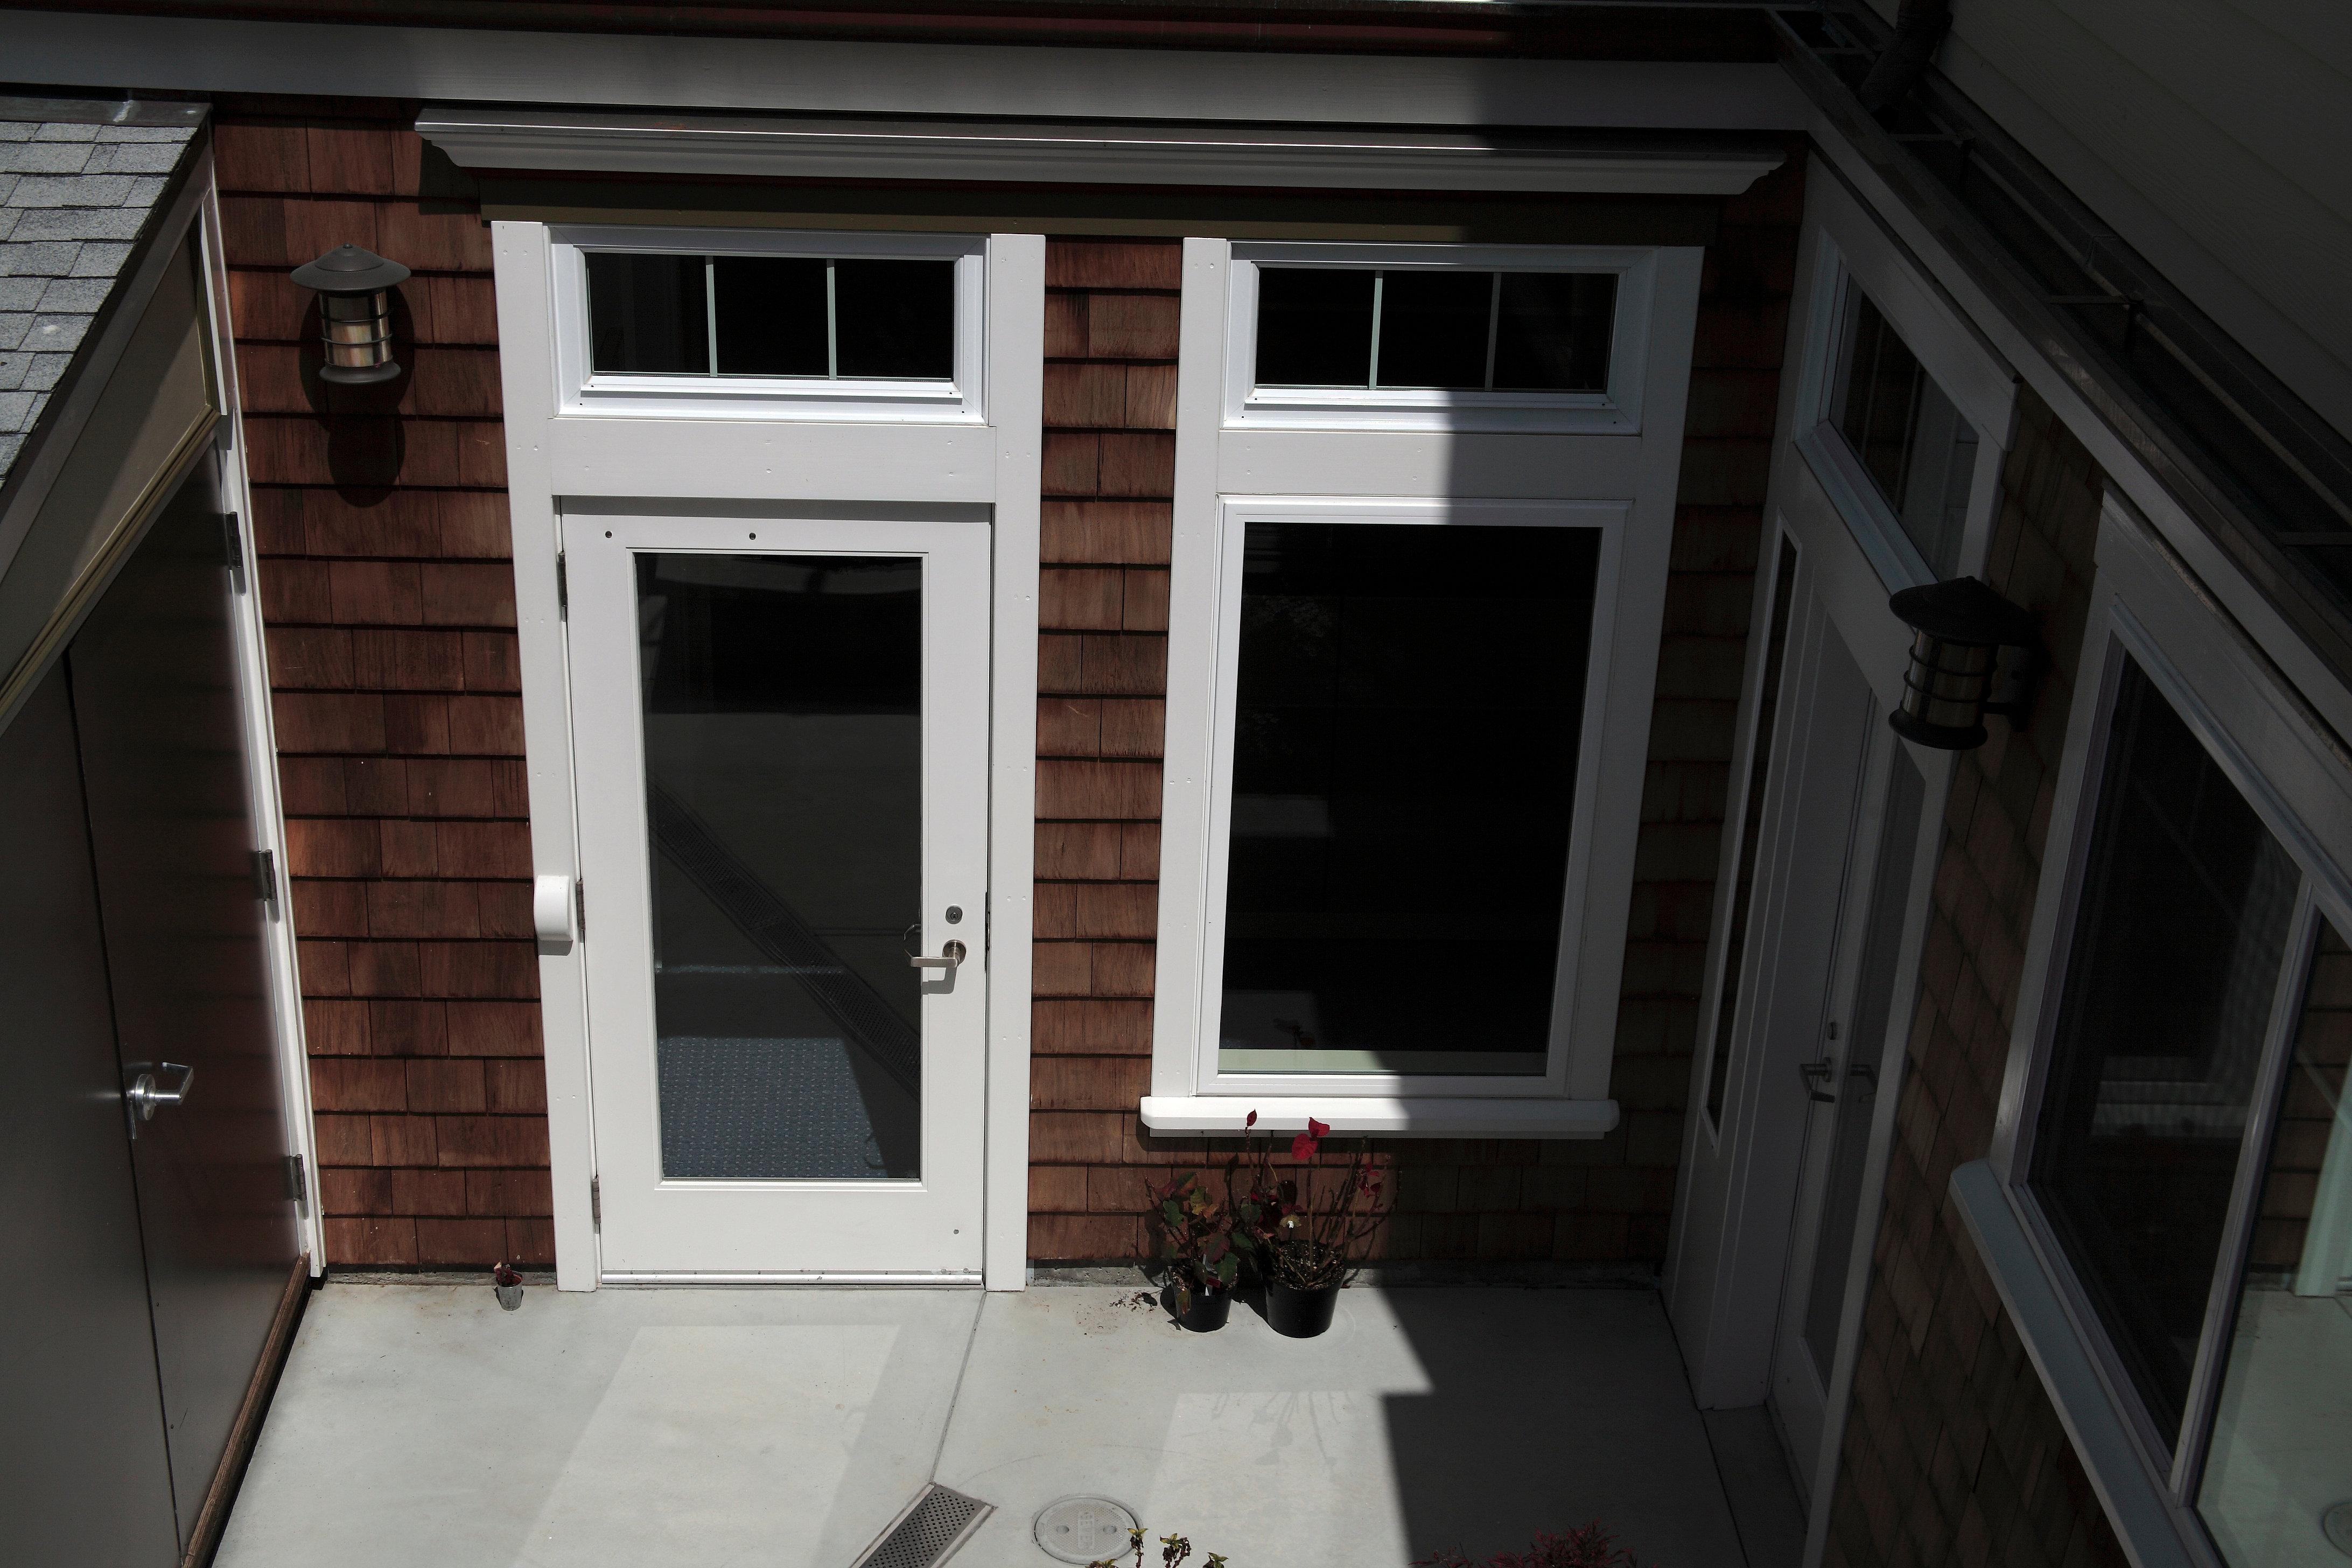 2912 #59483C Exterior Door And Window image Residential Doors And Windows 44434000